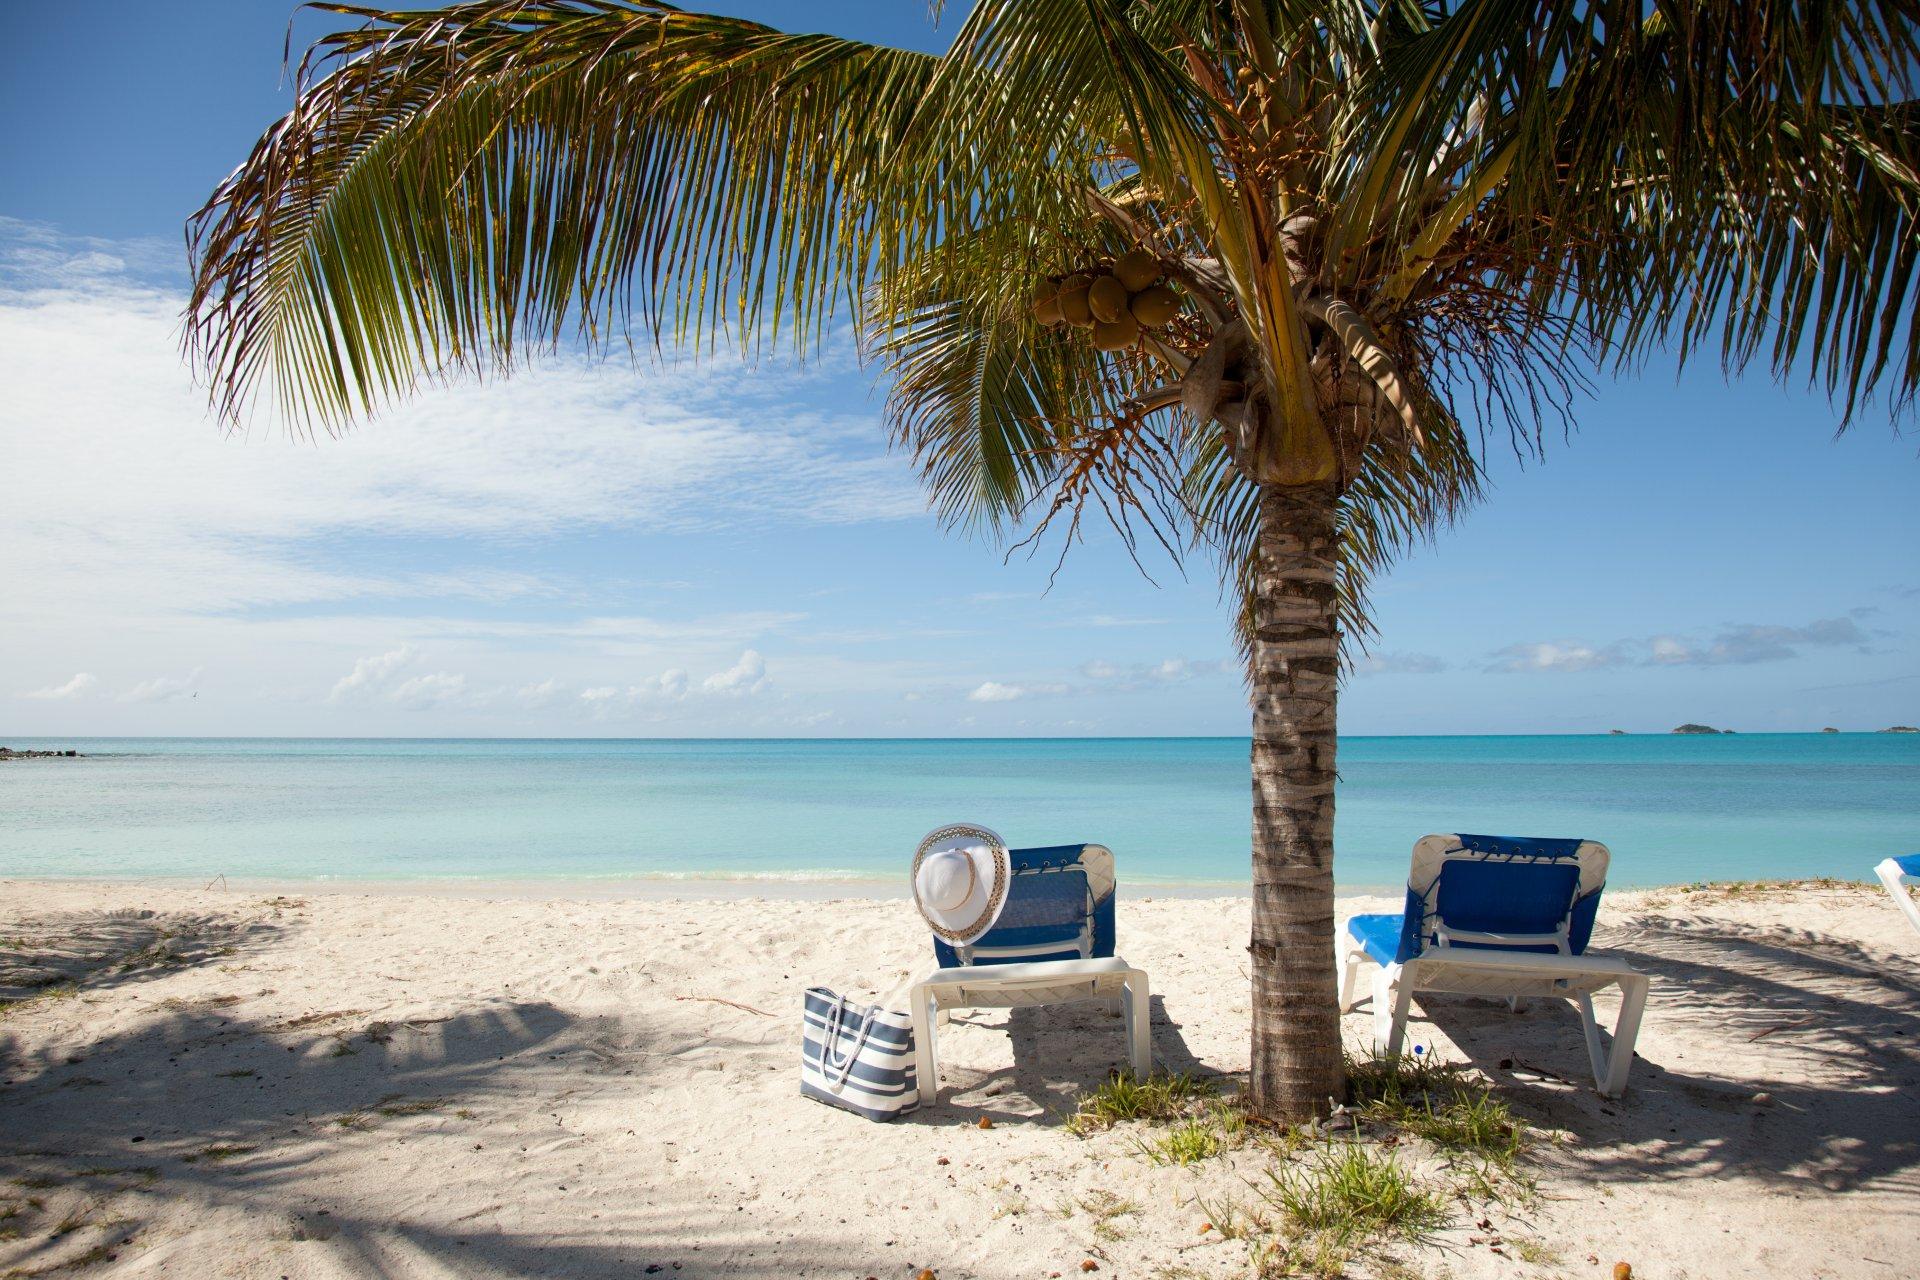 картинки отдых на море у пальмы если речь идет